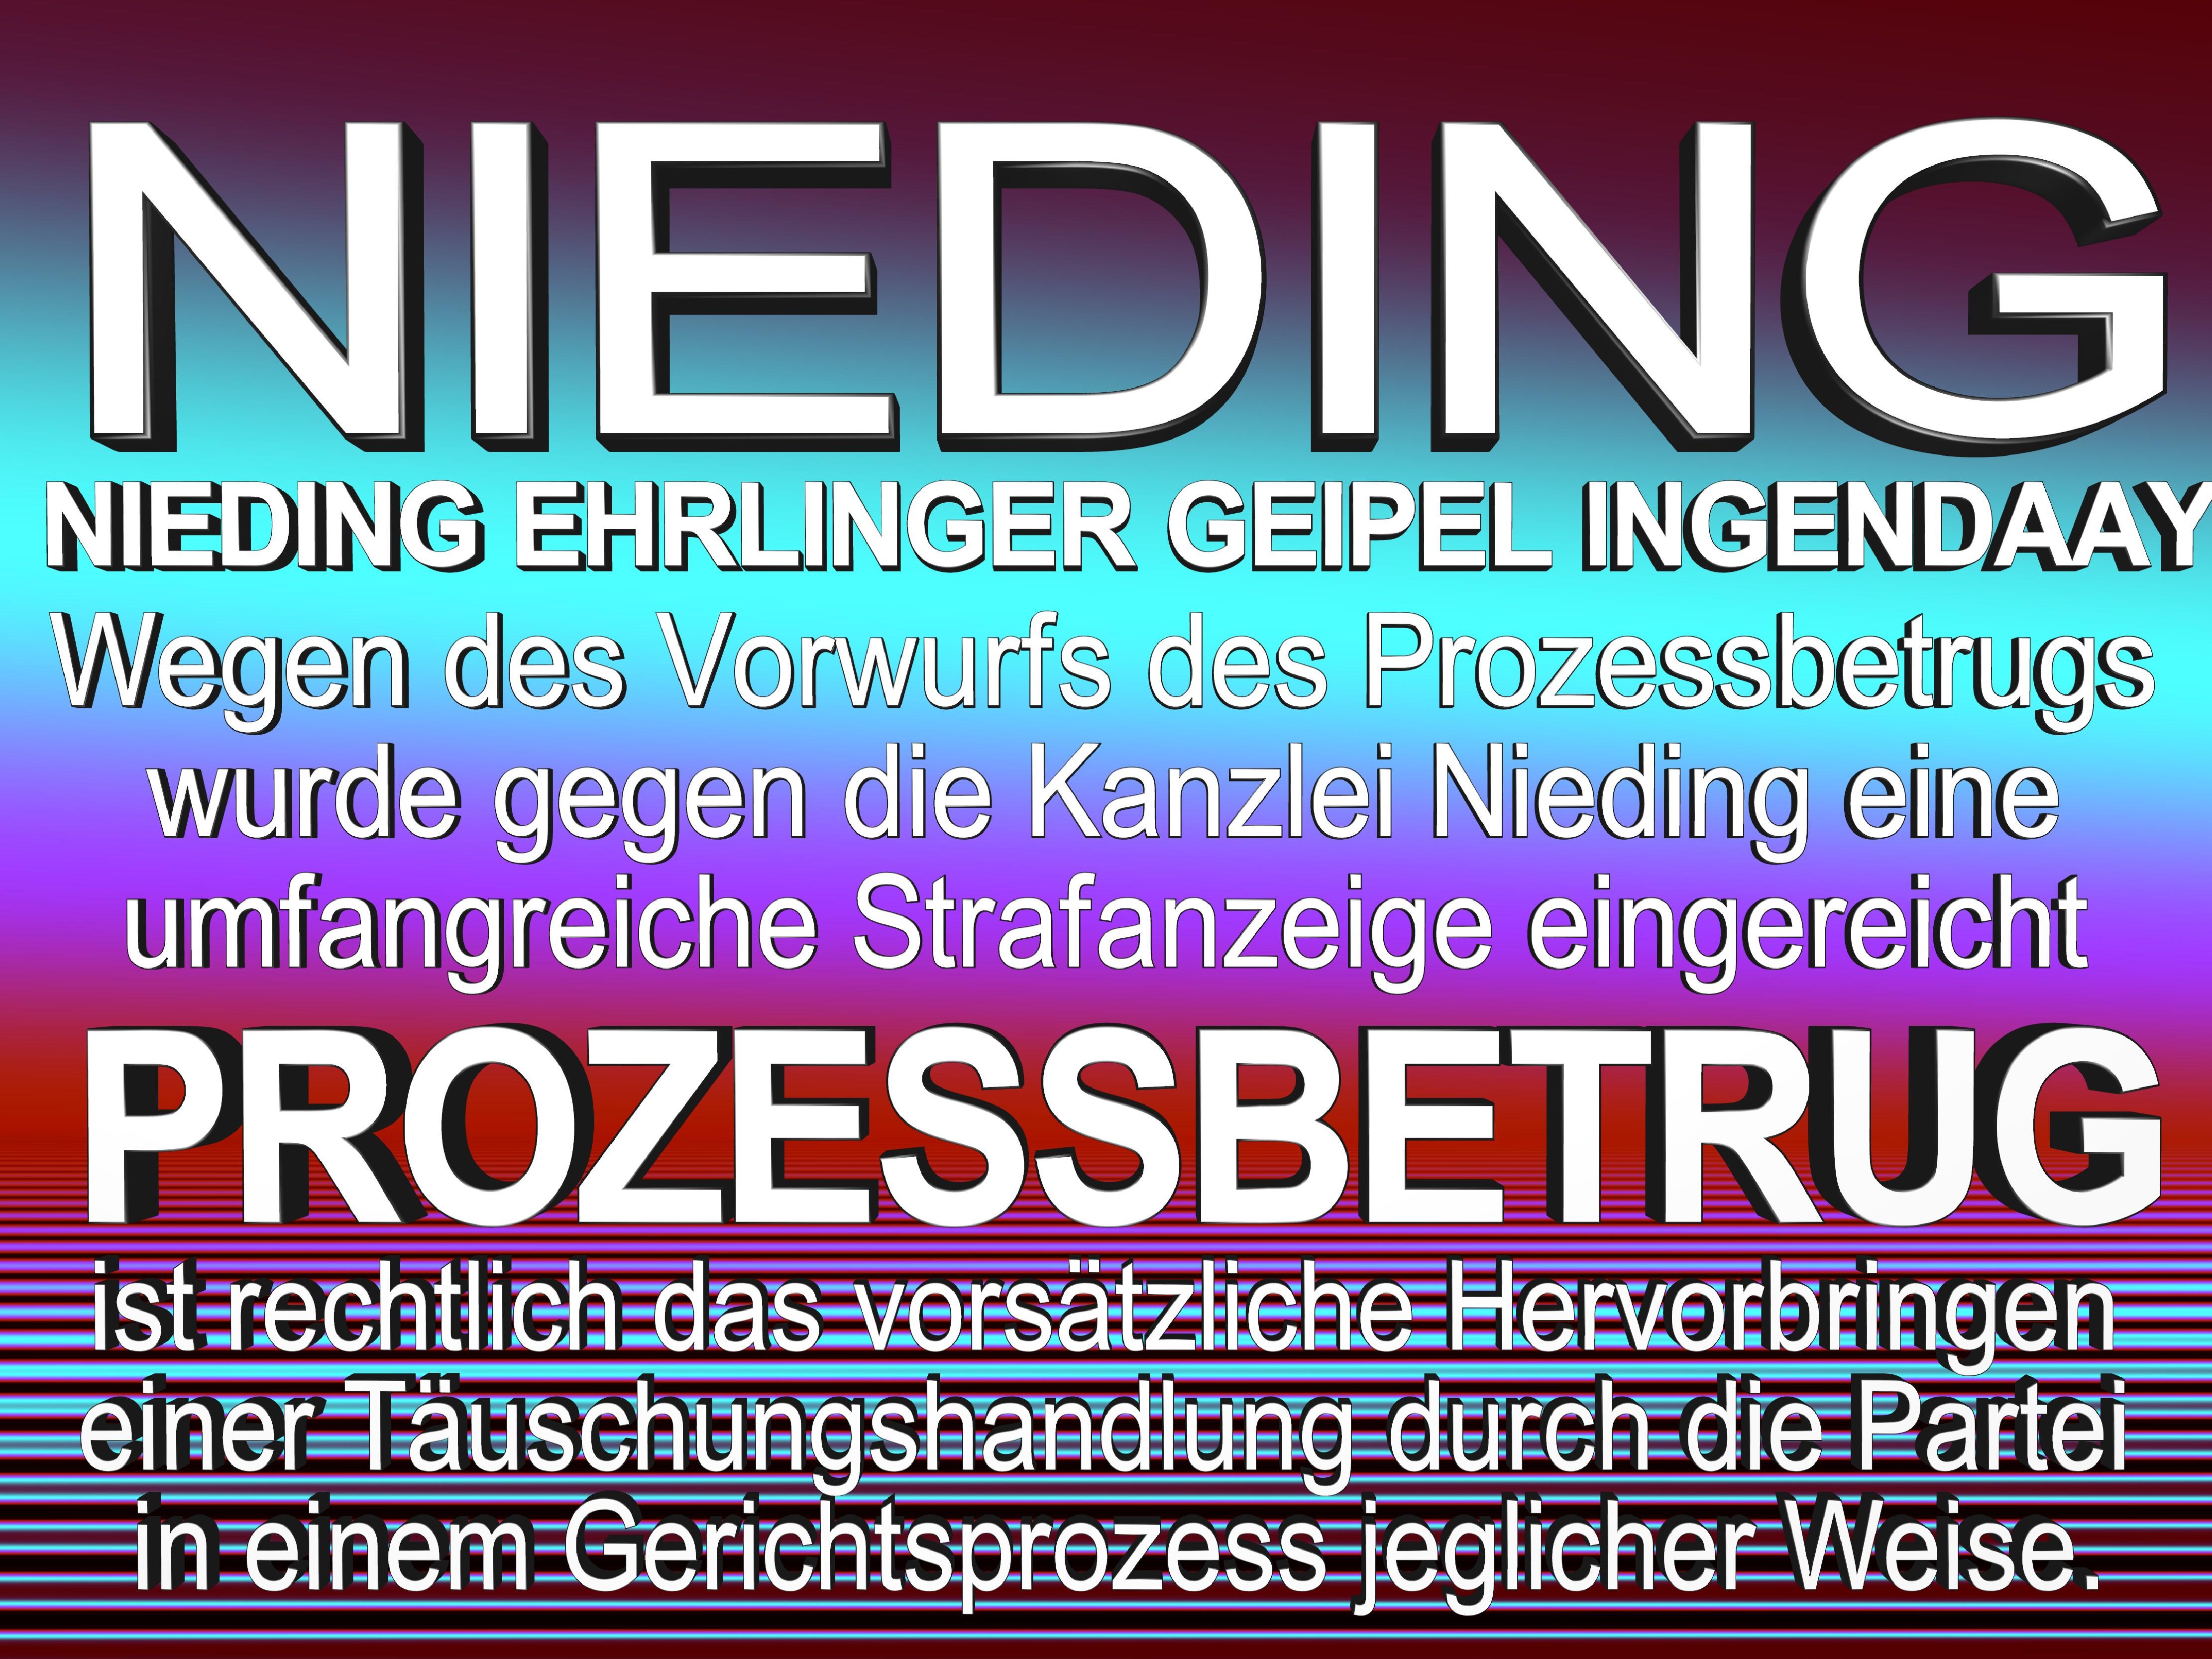 NIEDING EHRLINGER GEIPEL INGENDAAY LELKE Kurfürstendamm 66 Berlin (74)